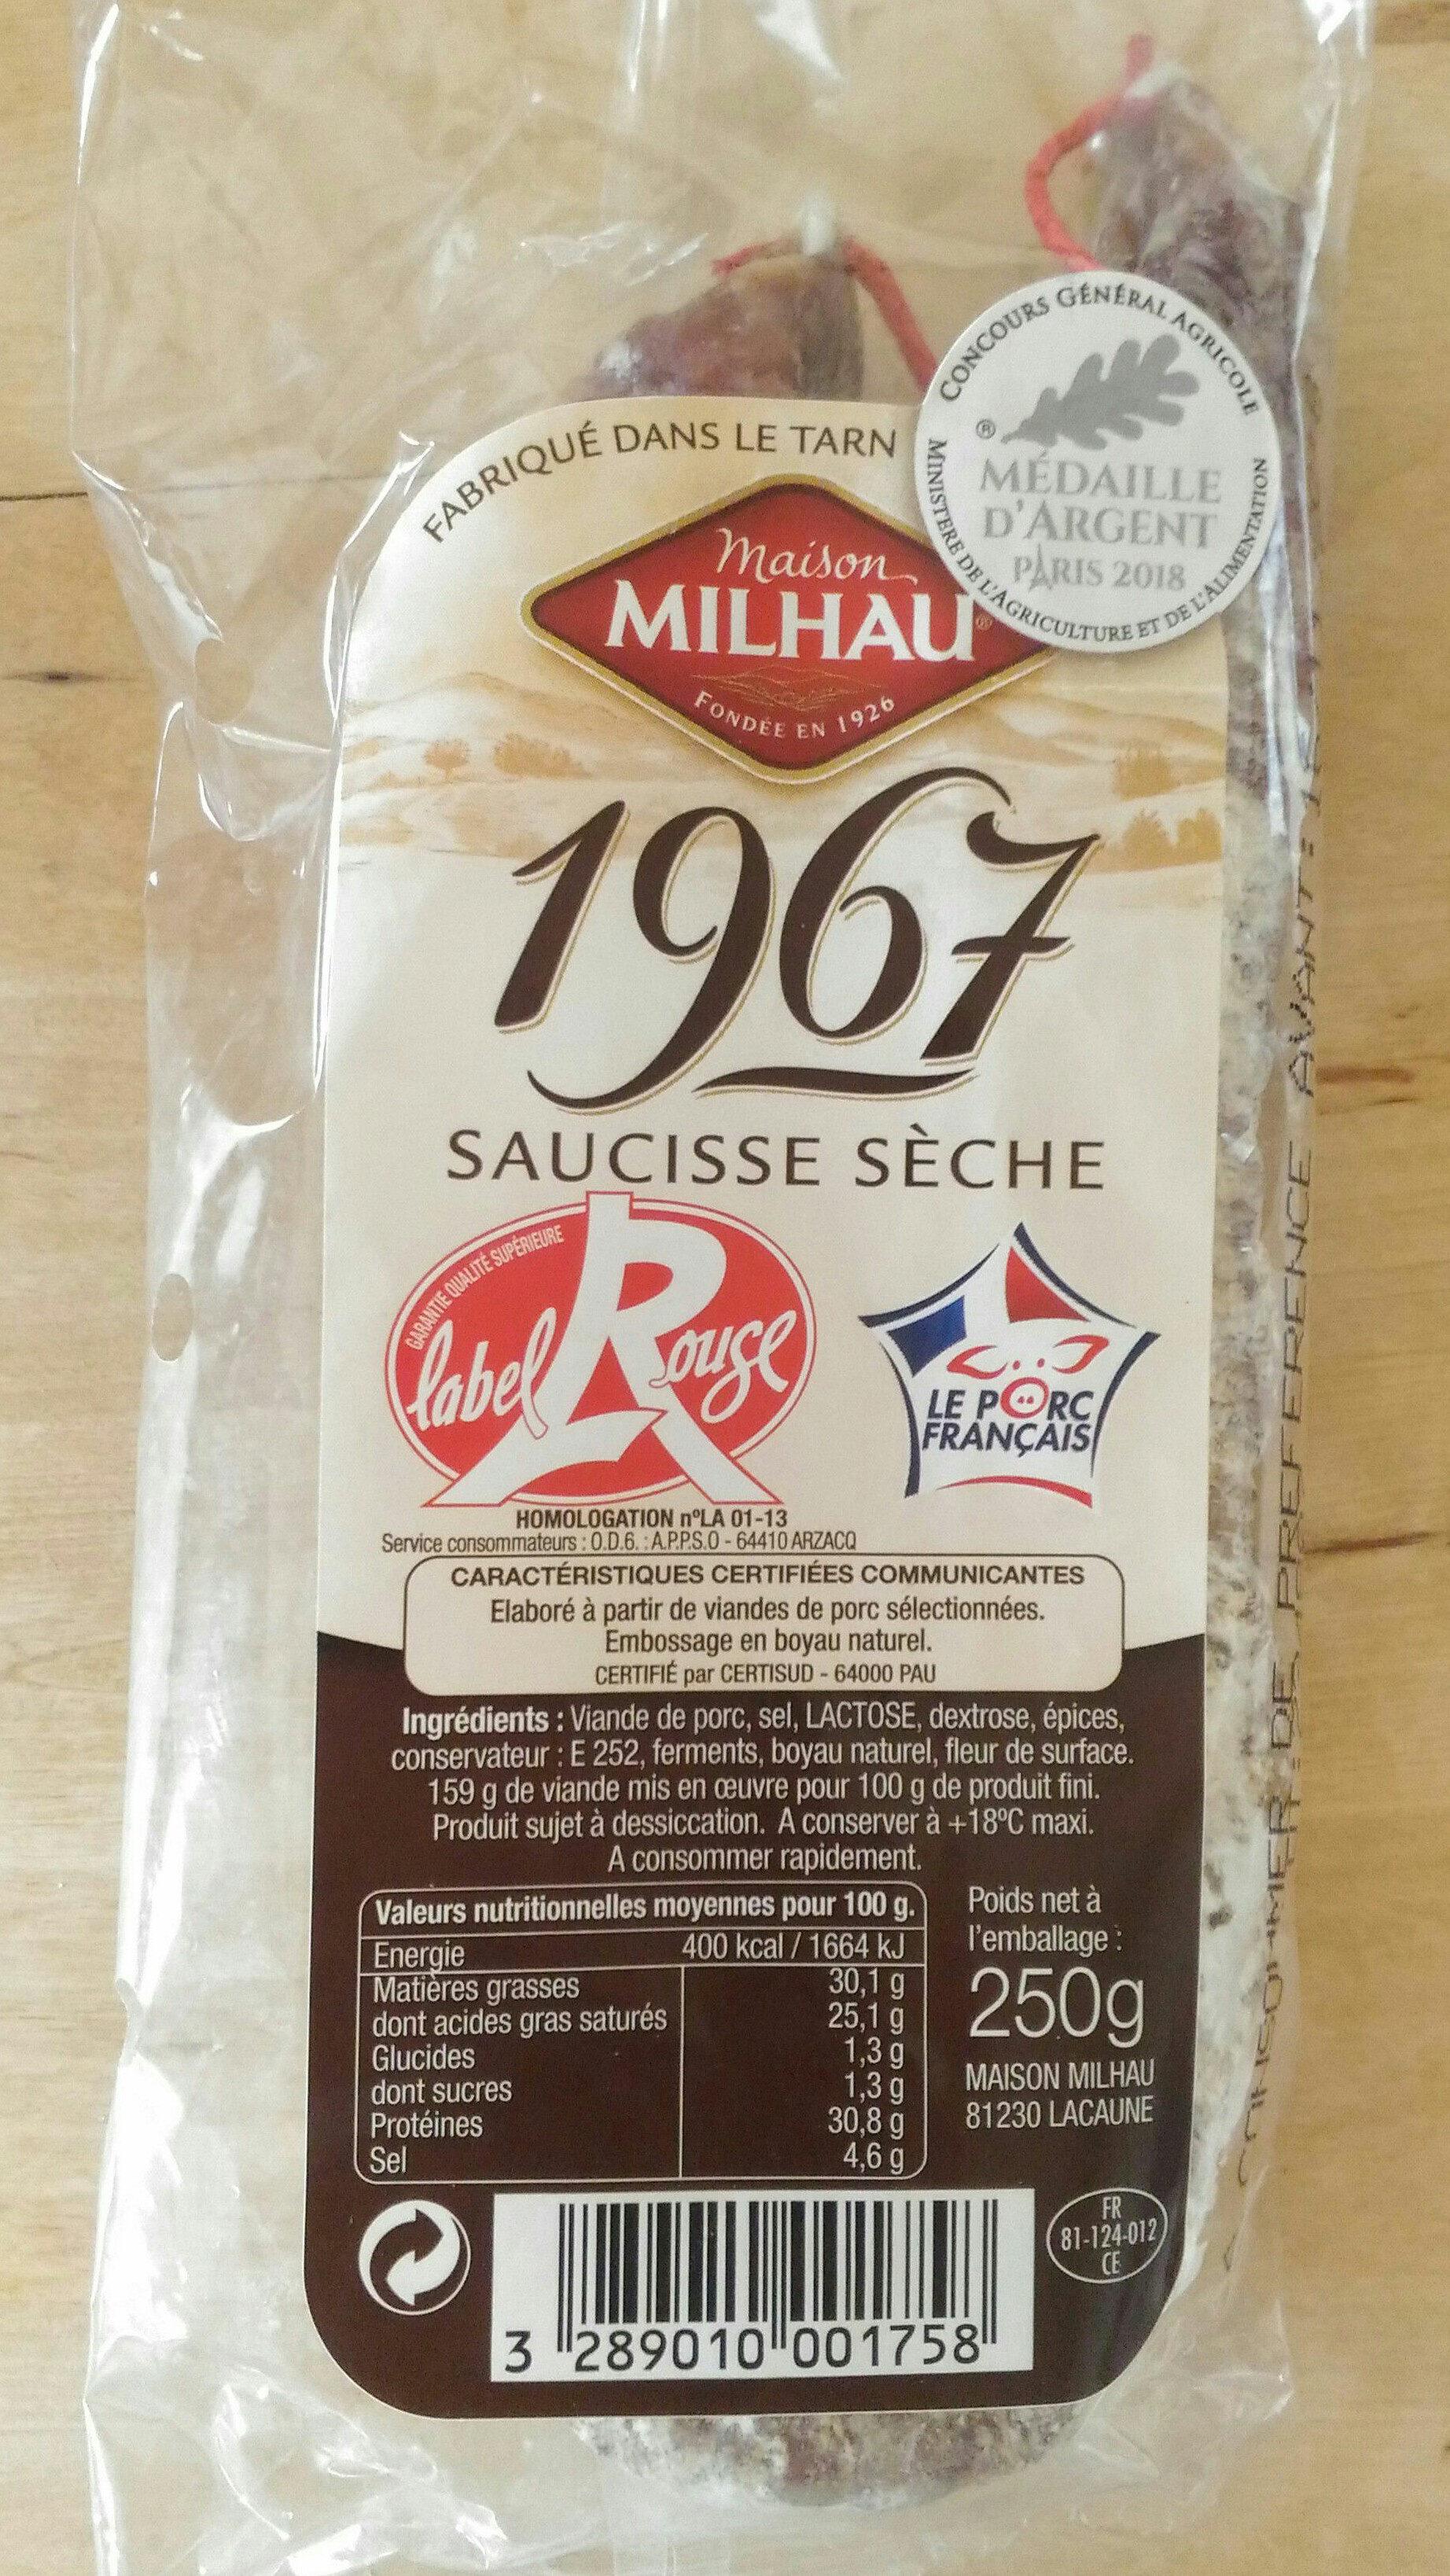 Saucisse sèche 1967 - Product